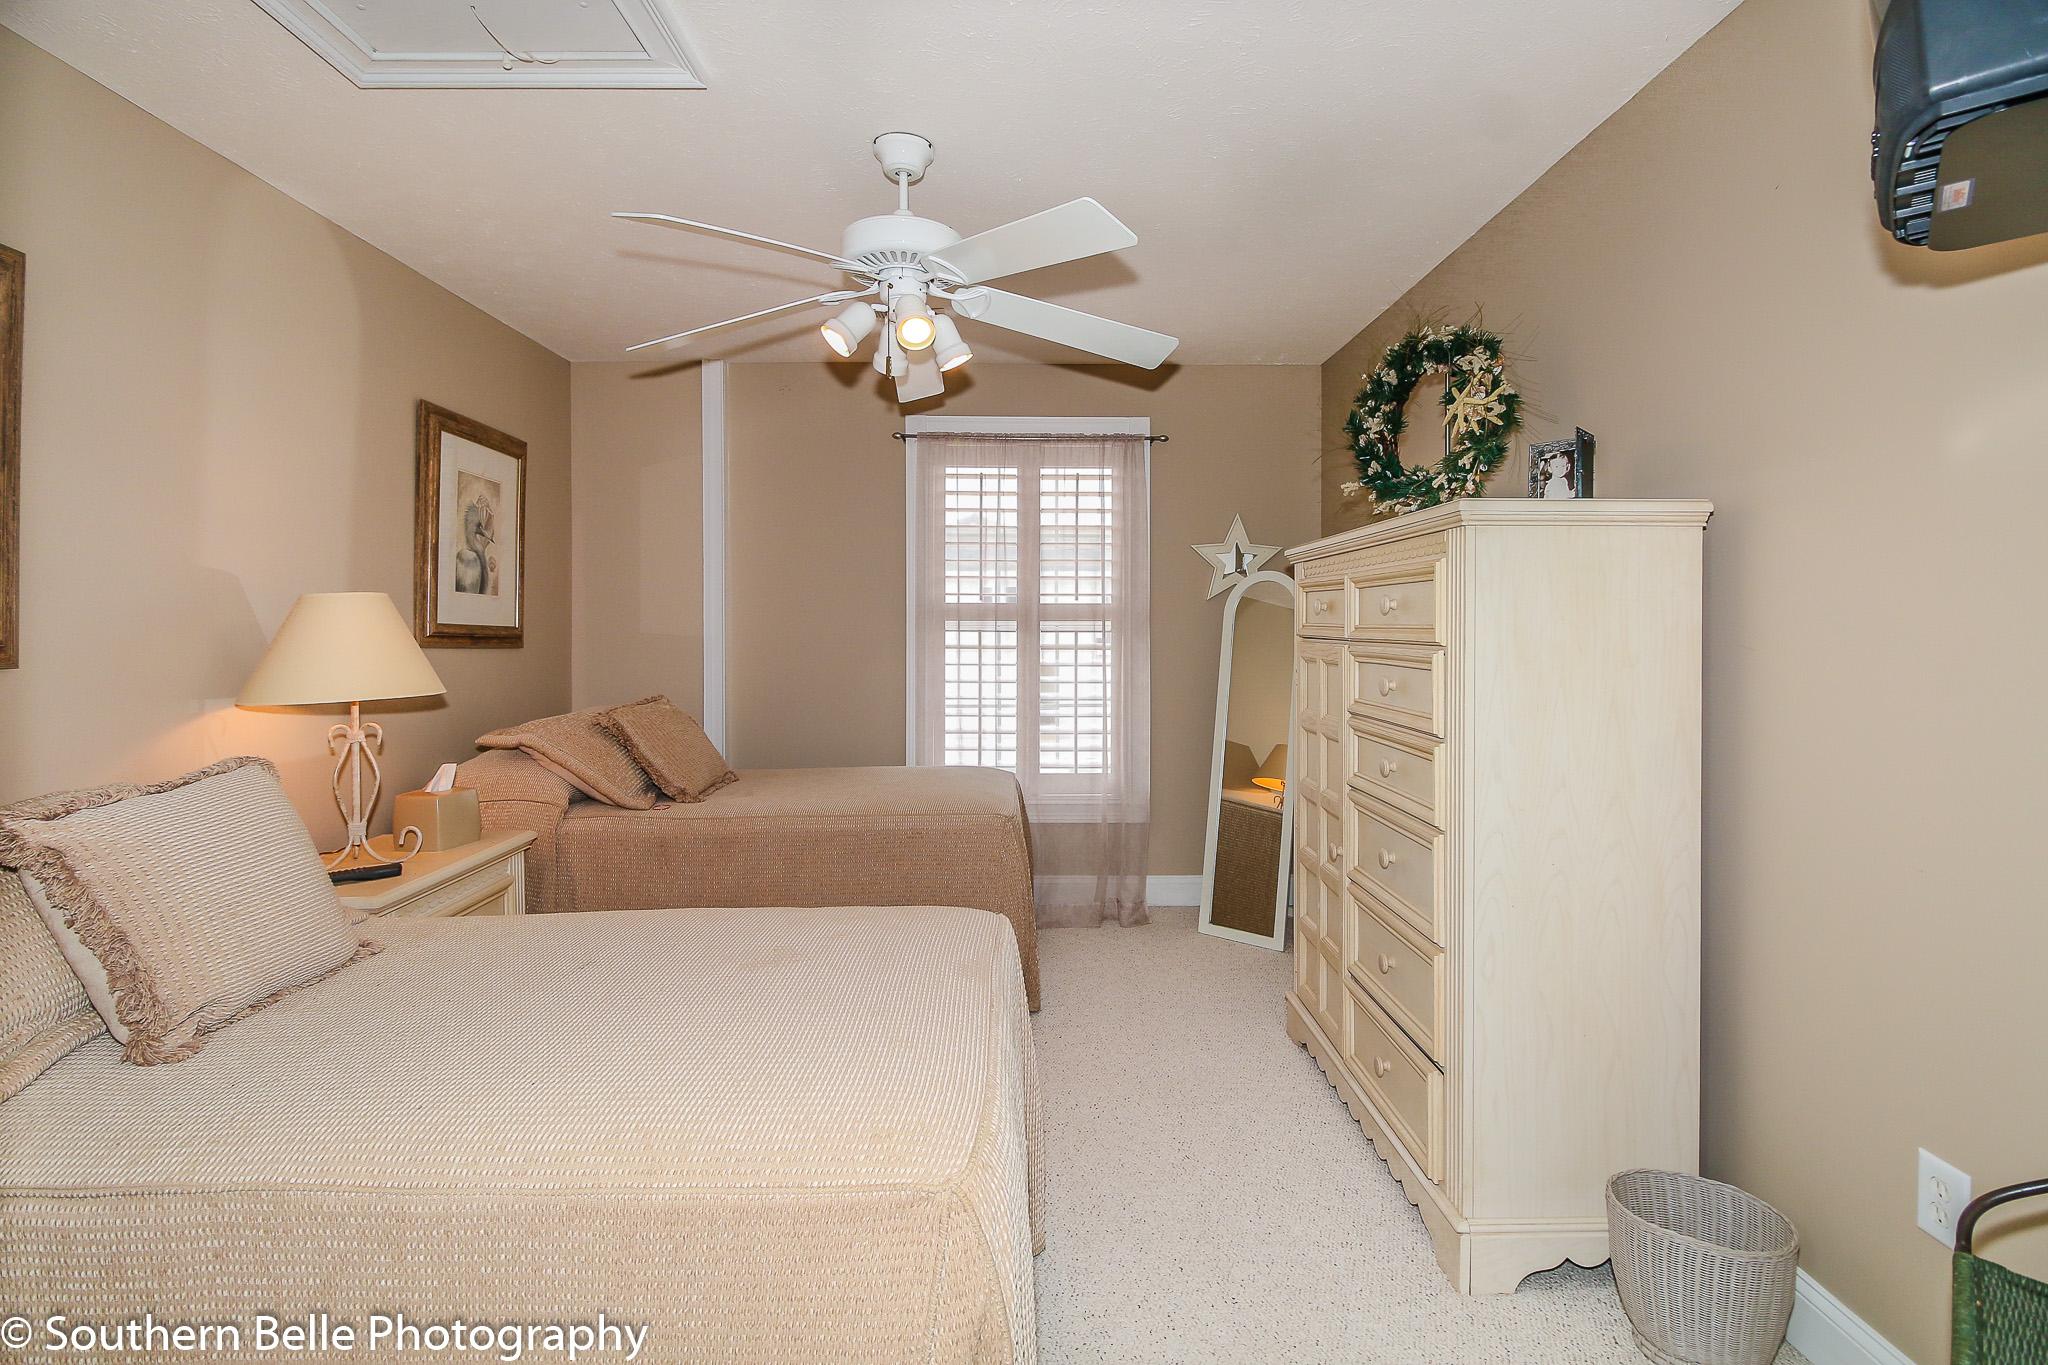 20. Upper Level Bedroom WM